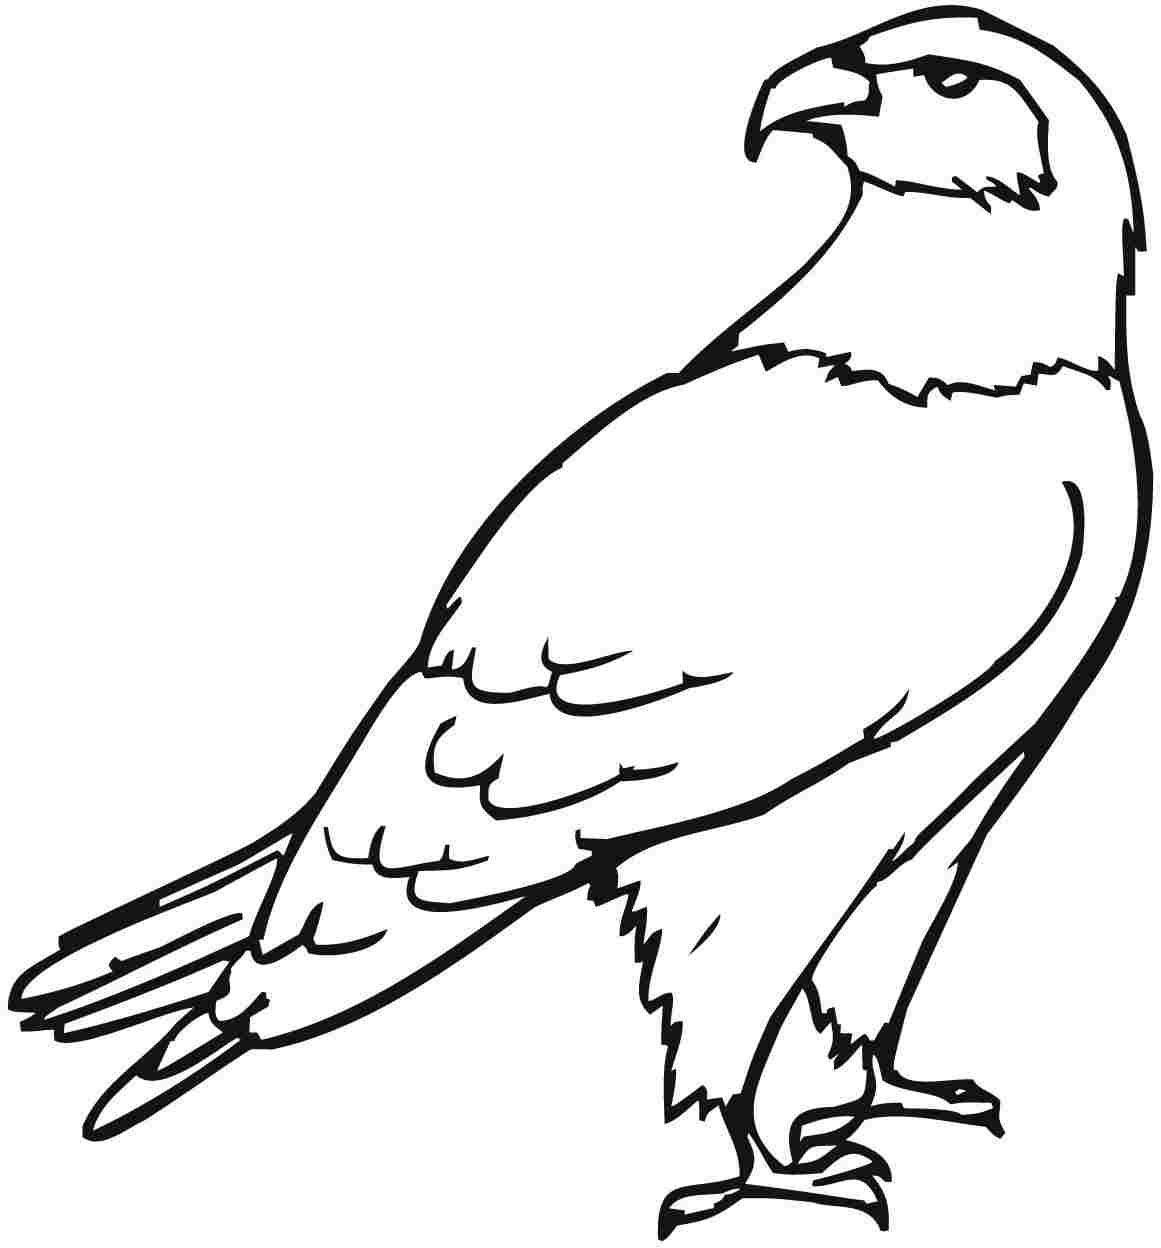 aguila arpia para colorear colorear un águila arpia para aguila colorear